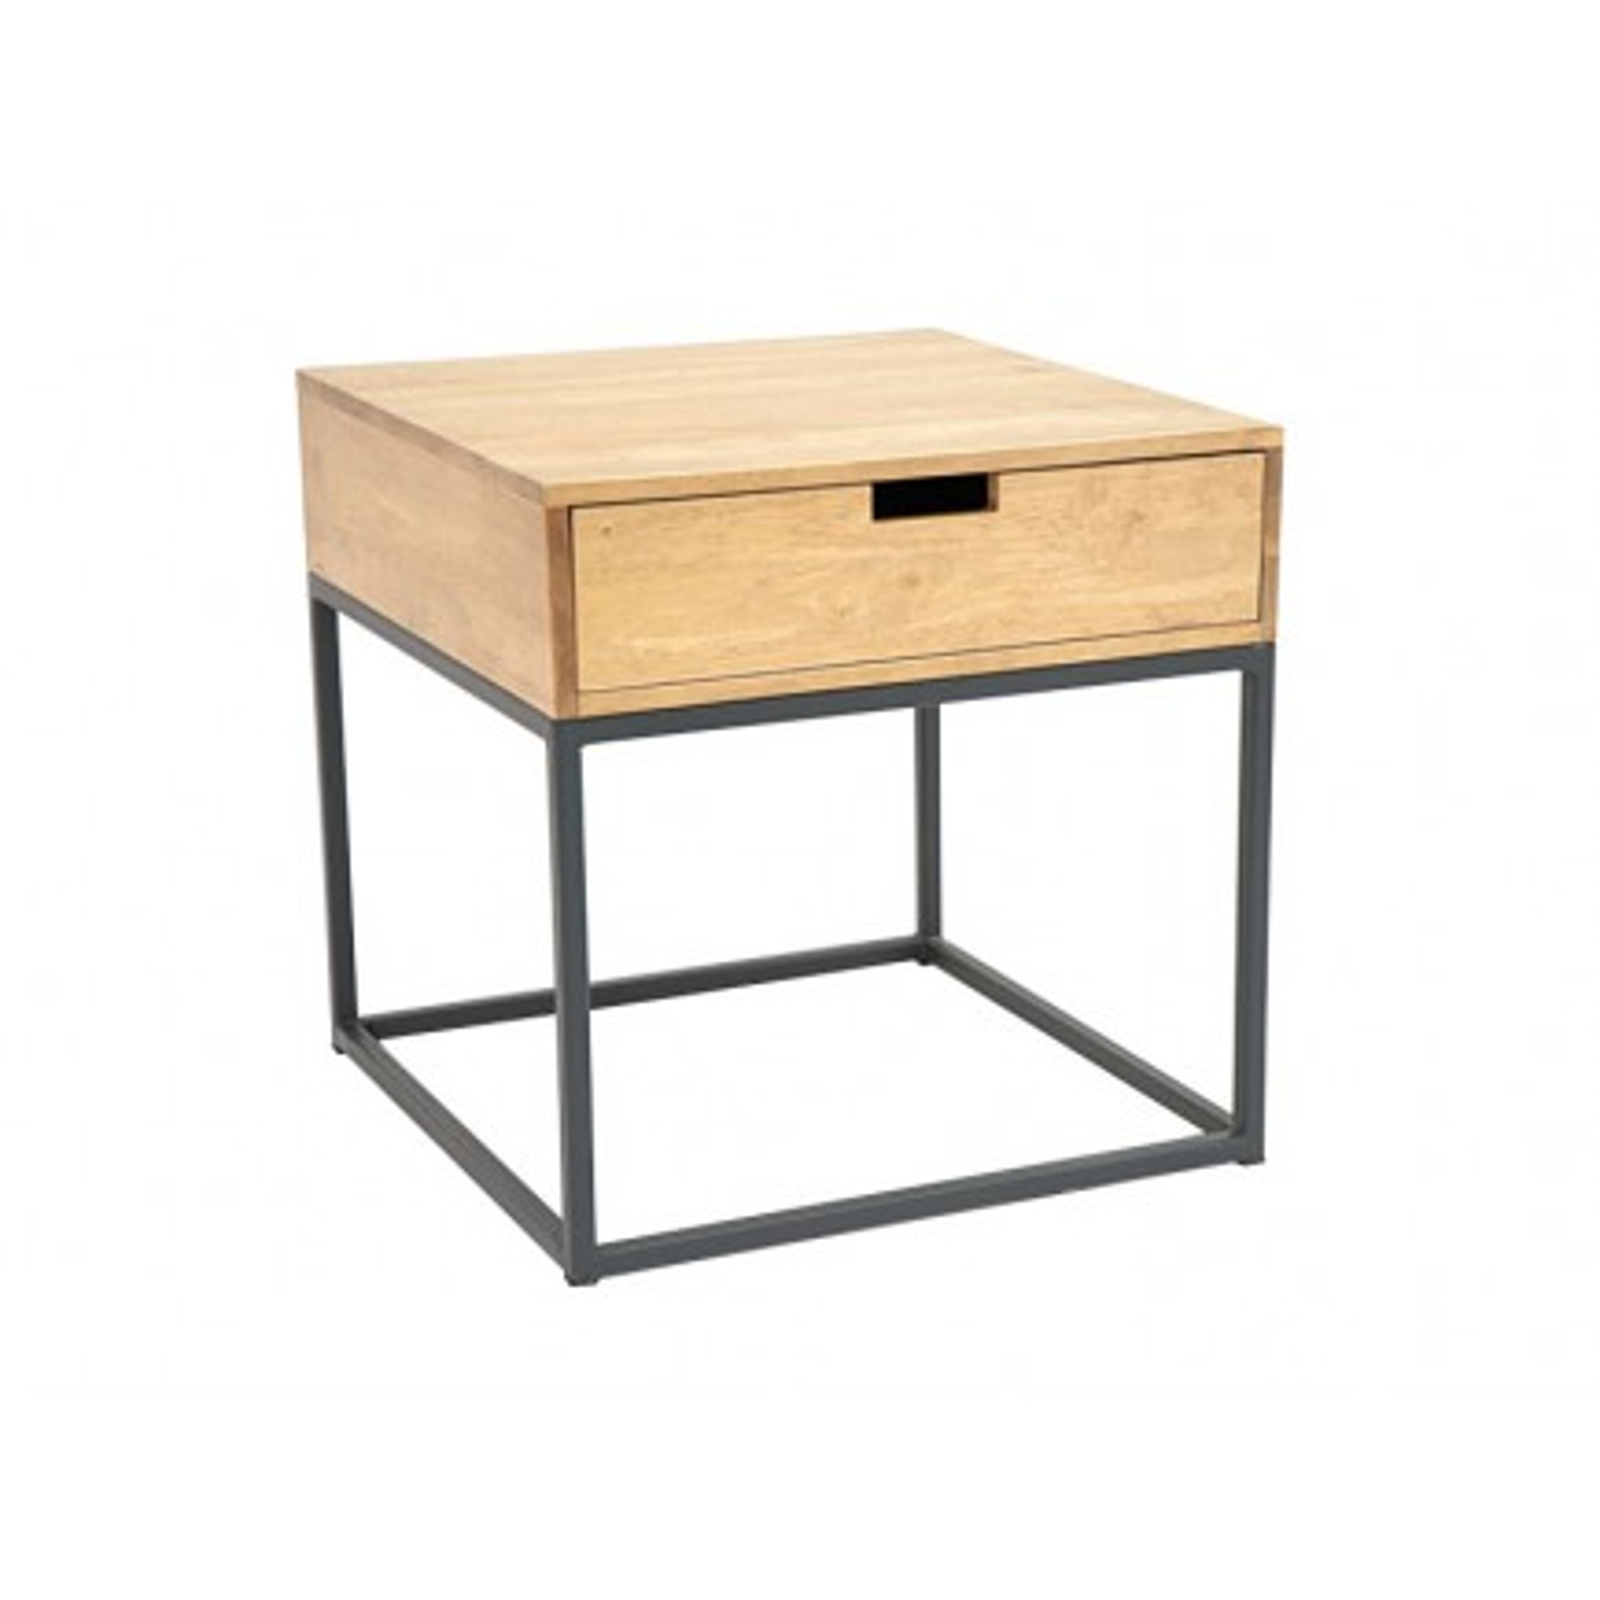 Bout De Canapé Berlin Hévéa - meuble bois exotique